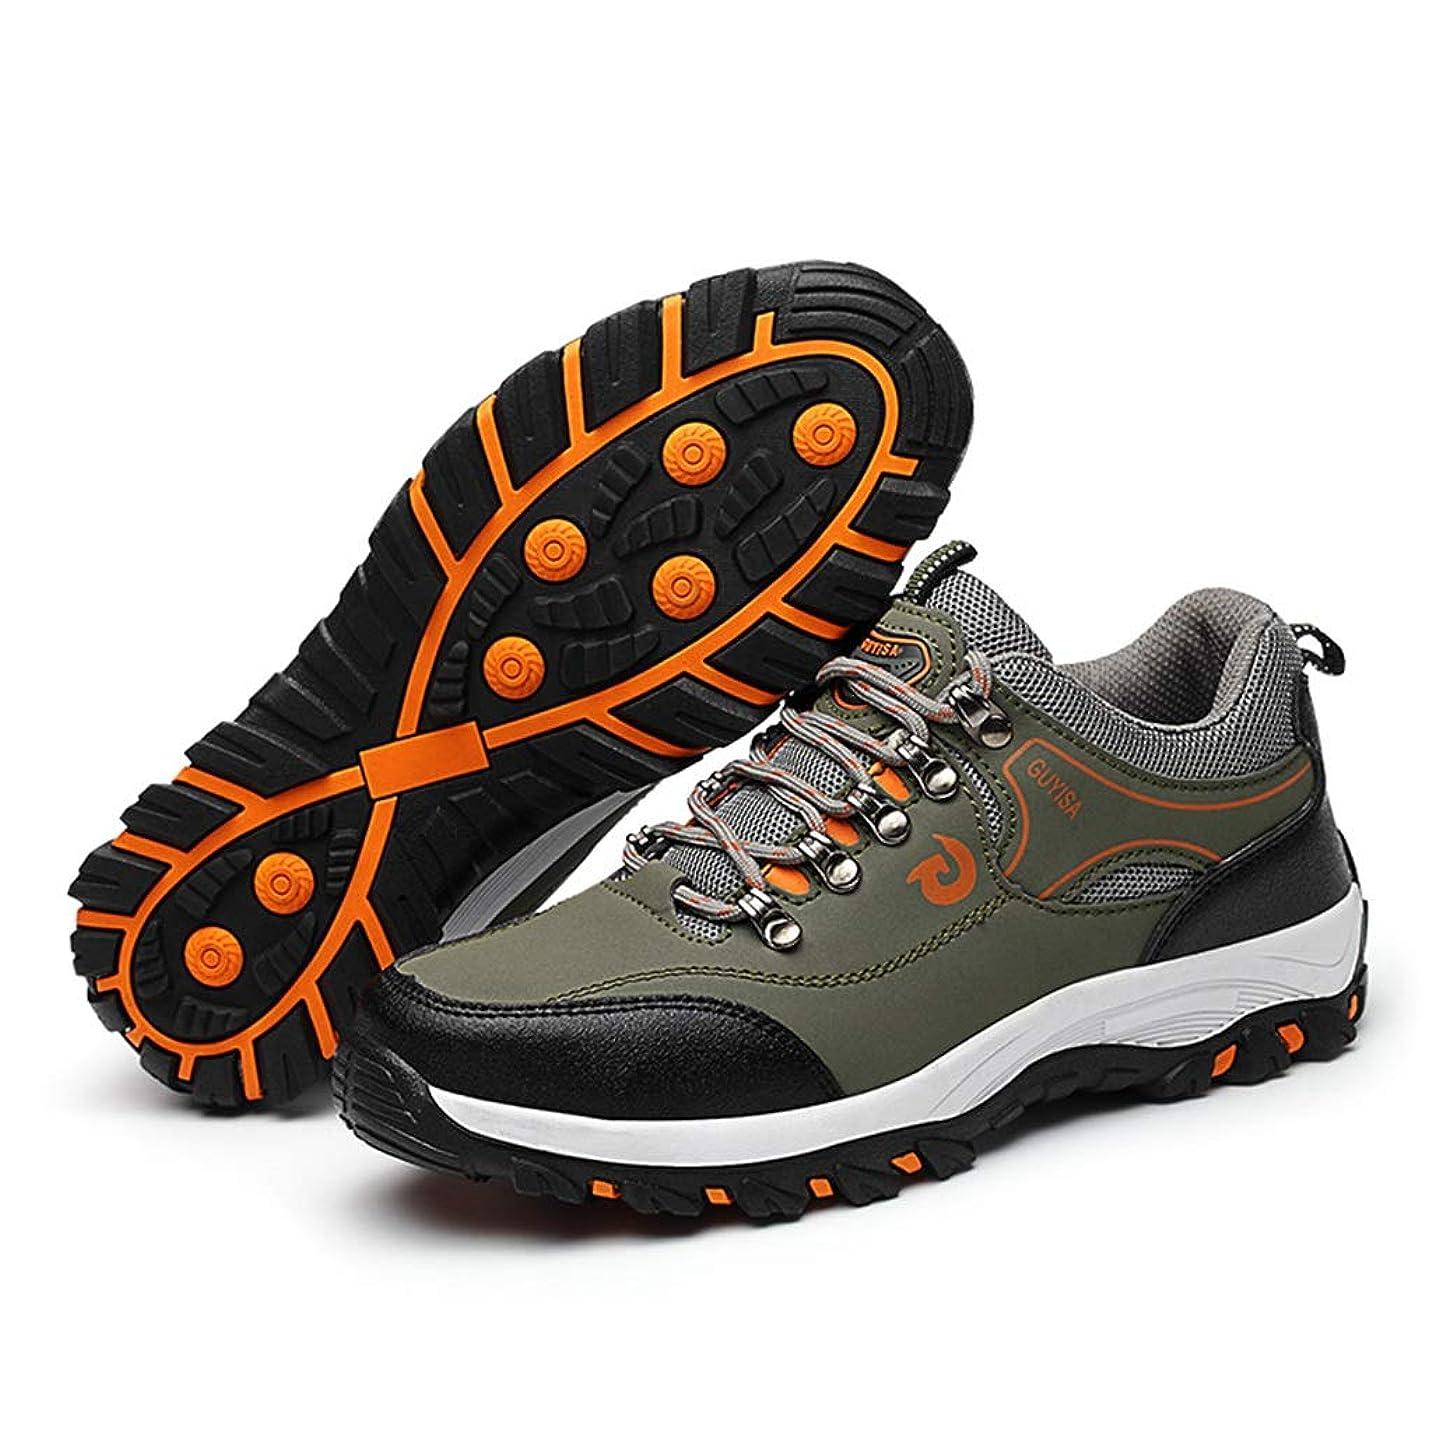 と弱点句読点安全靴 作業靴男性通気性消臭軽量アンチダニ防止ピアス耐摩耗性安全鋼つま先安全靴 安全靴 スニーカー (Size : 37)